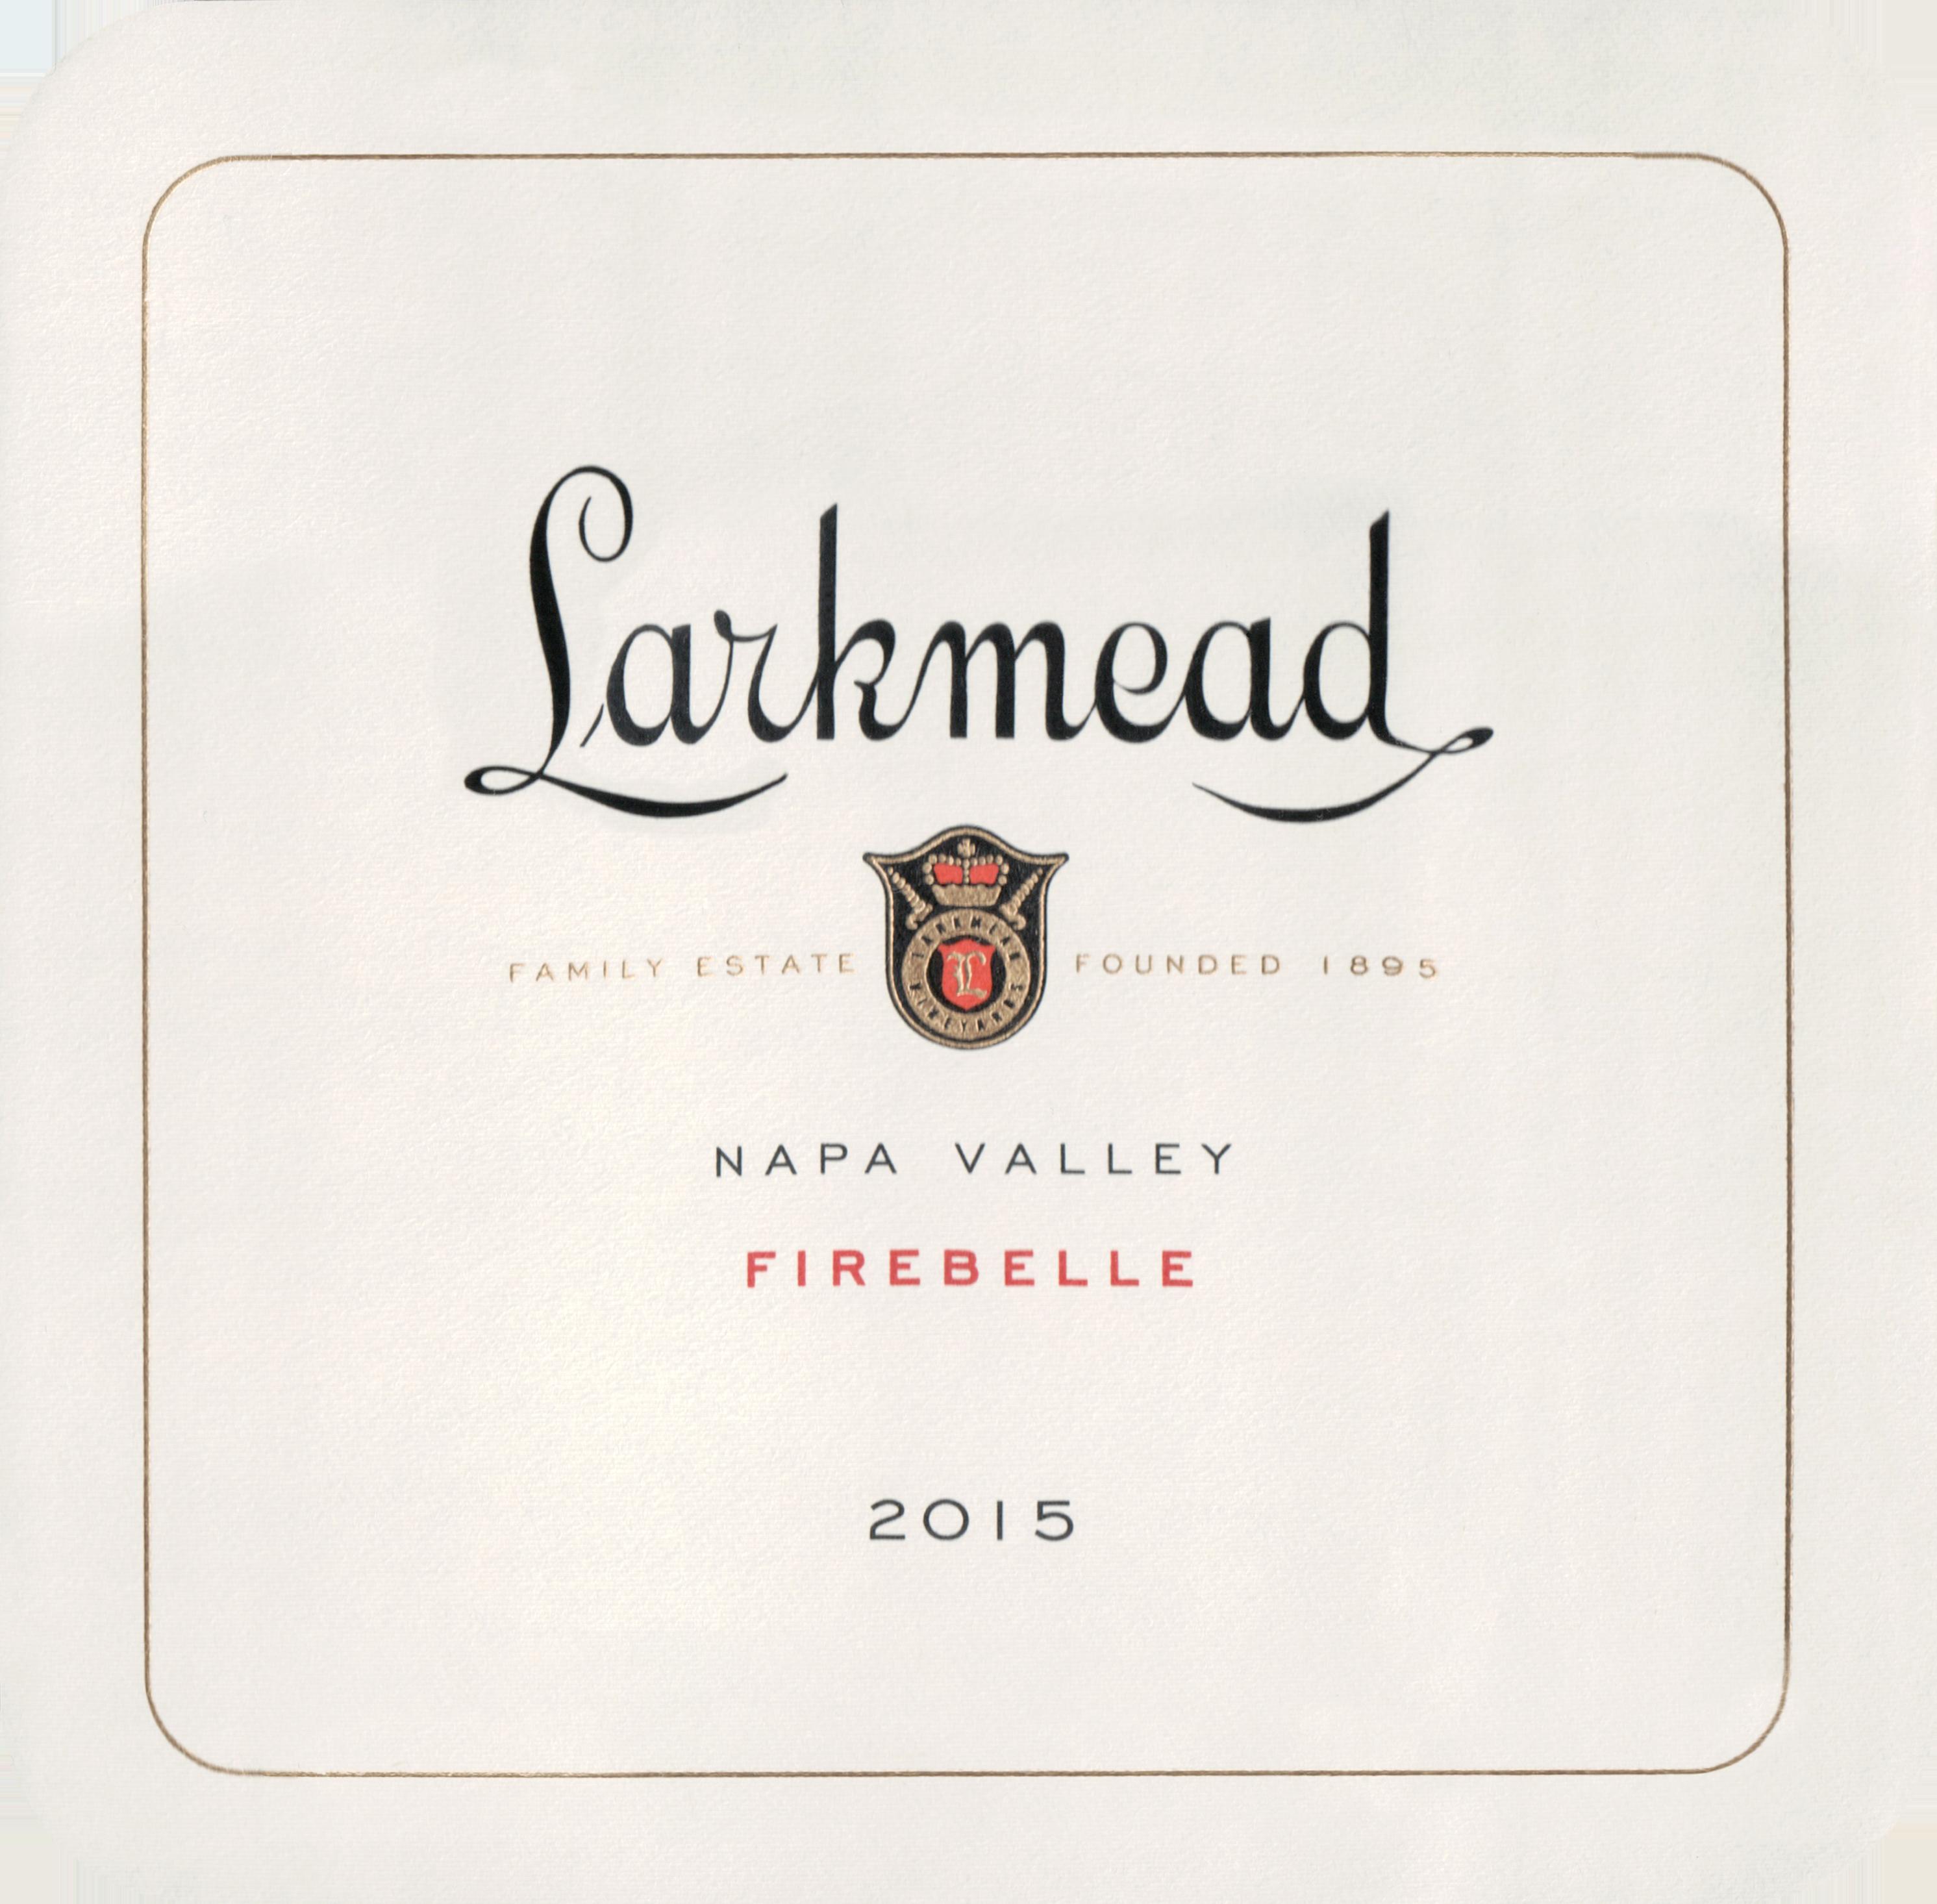 Larkmead Firebelle 2015